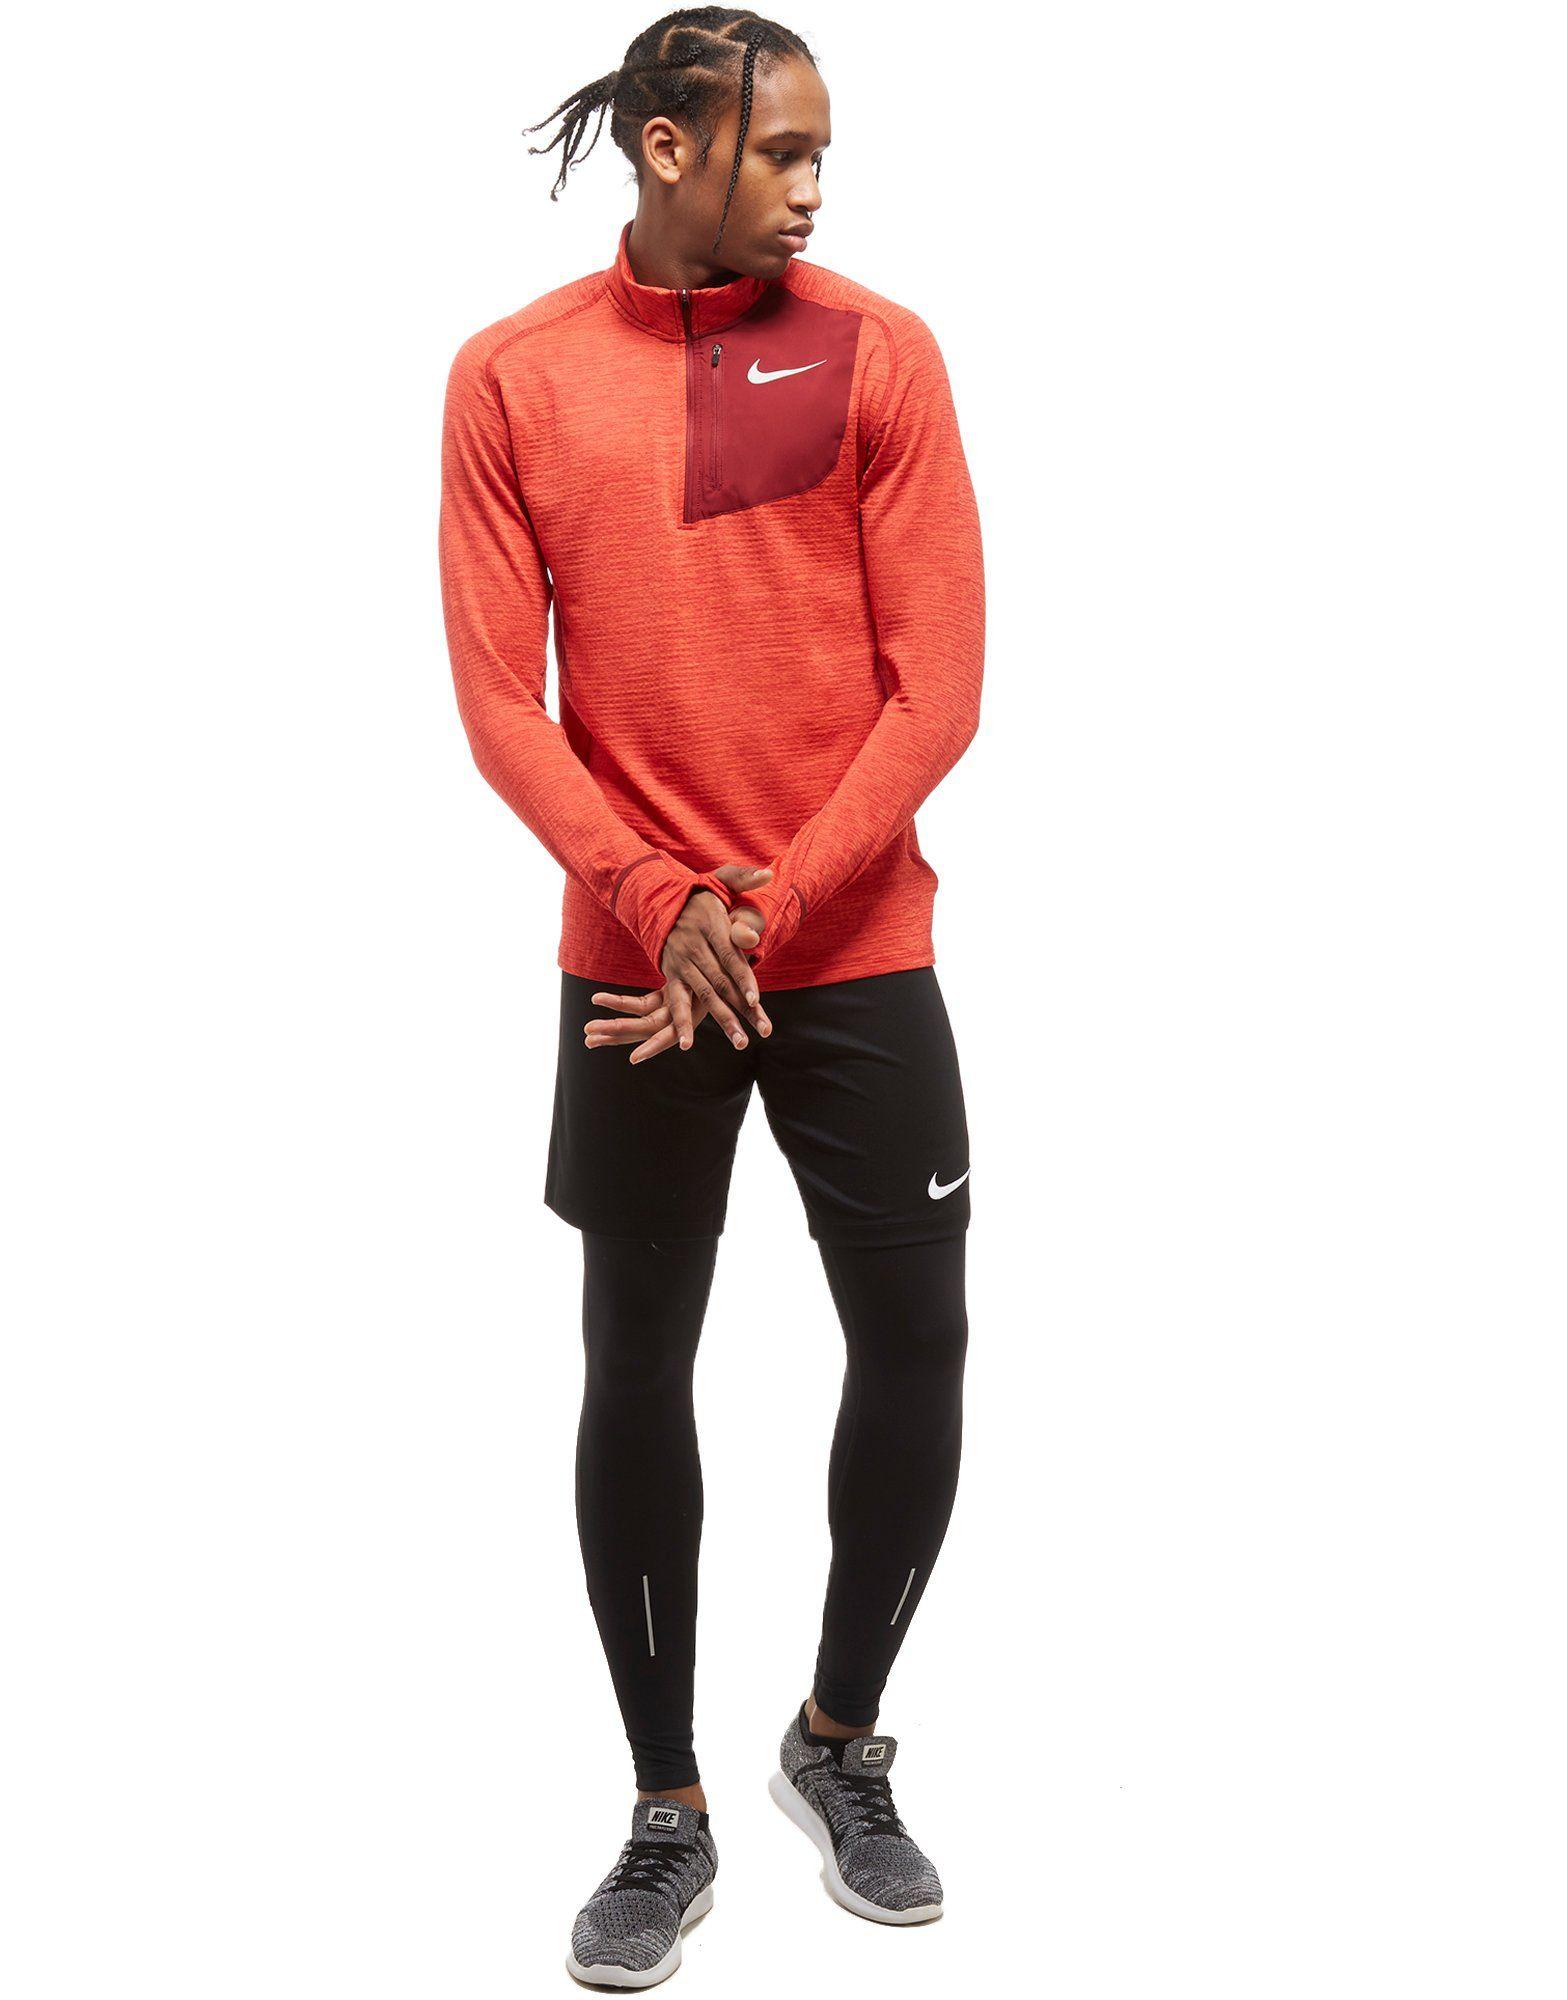 Zip Top Rot Nike Sphere Running 1 2 Top Nike Element Element Running 1 Zip Sphere 2 xwxn7CZq6